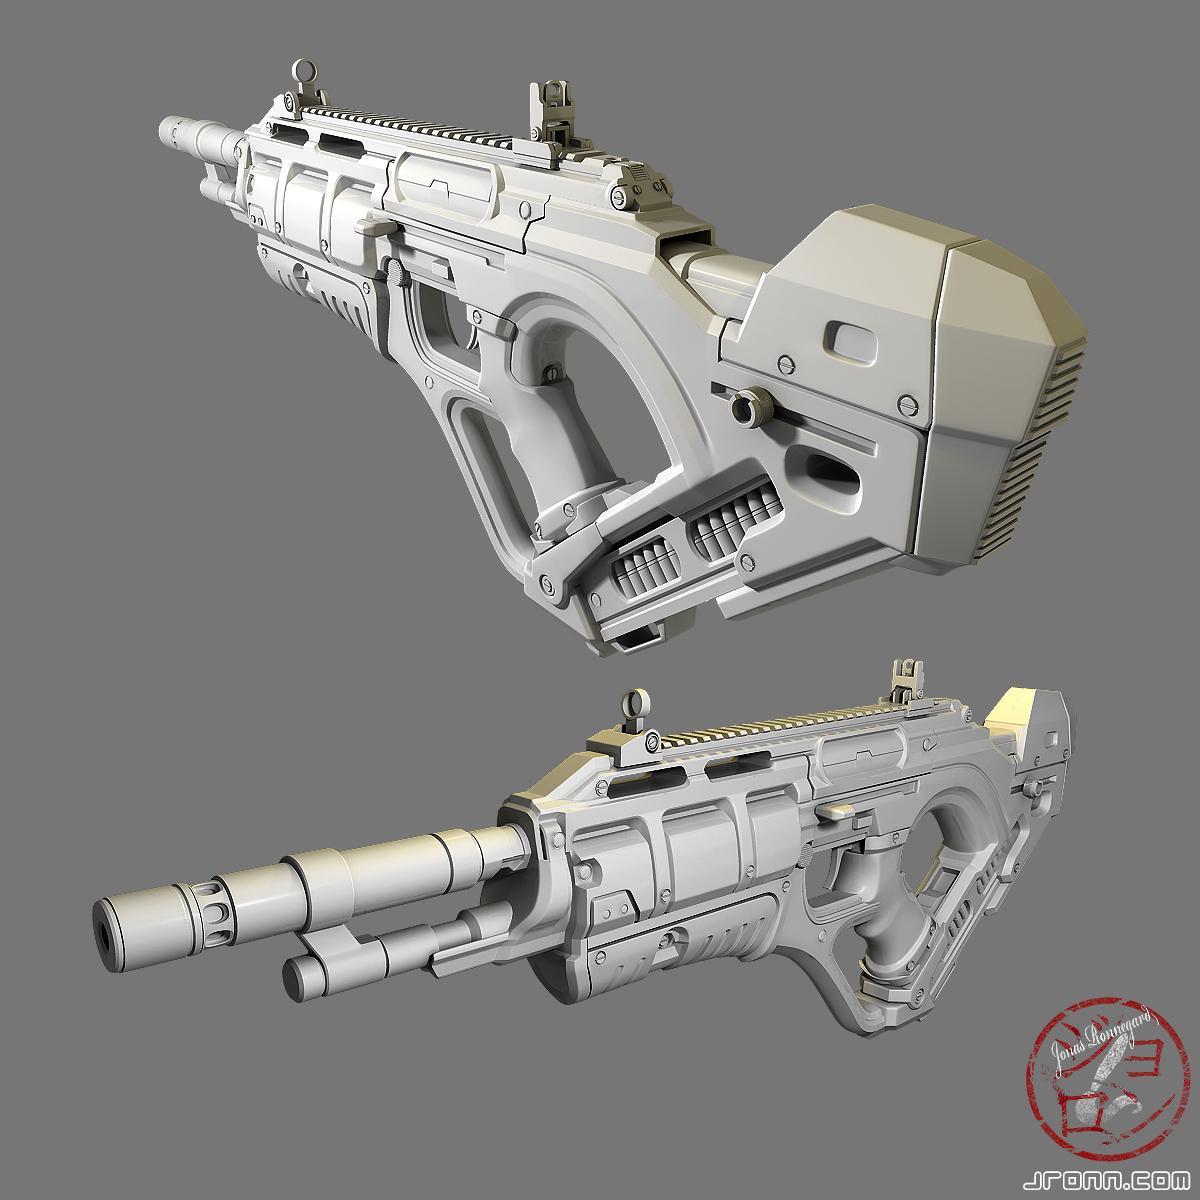 Livecop dise adores de armas de fuego fierearm designers for Muebles para guardar armas de fuego